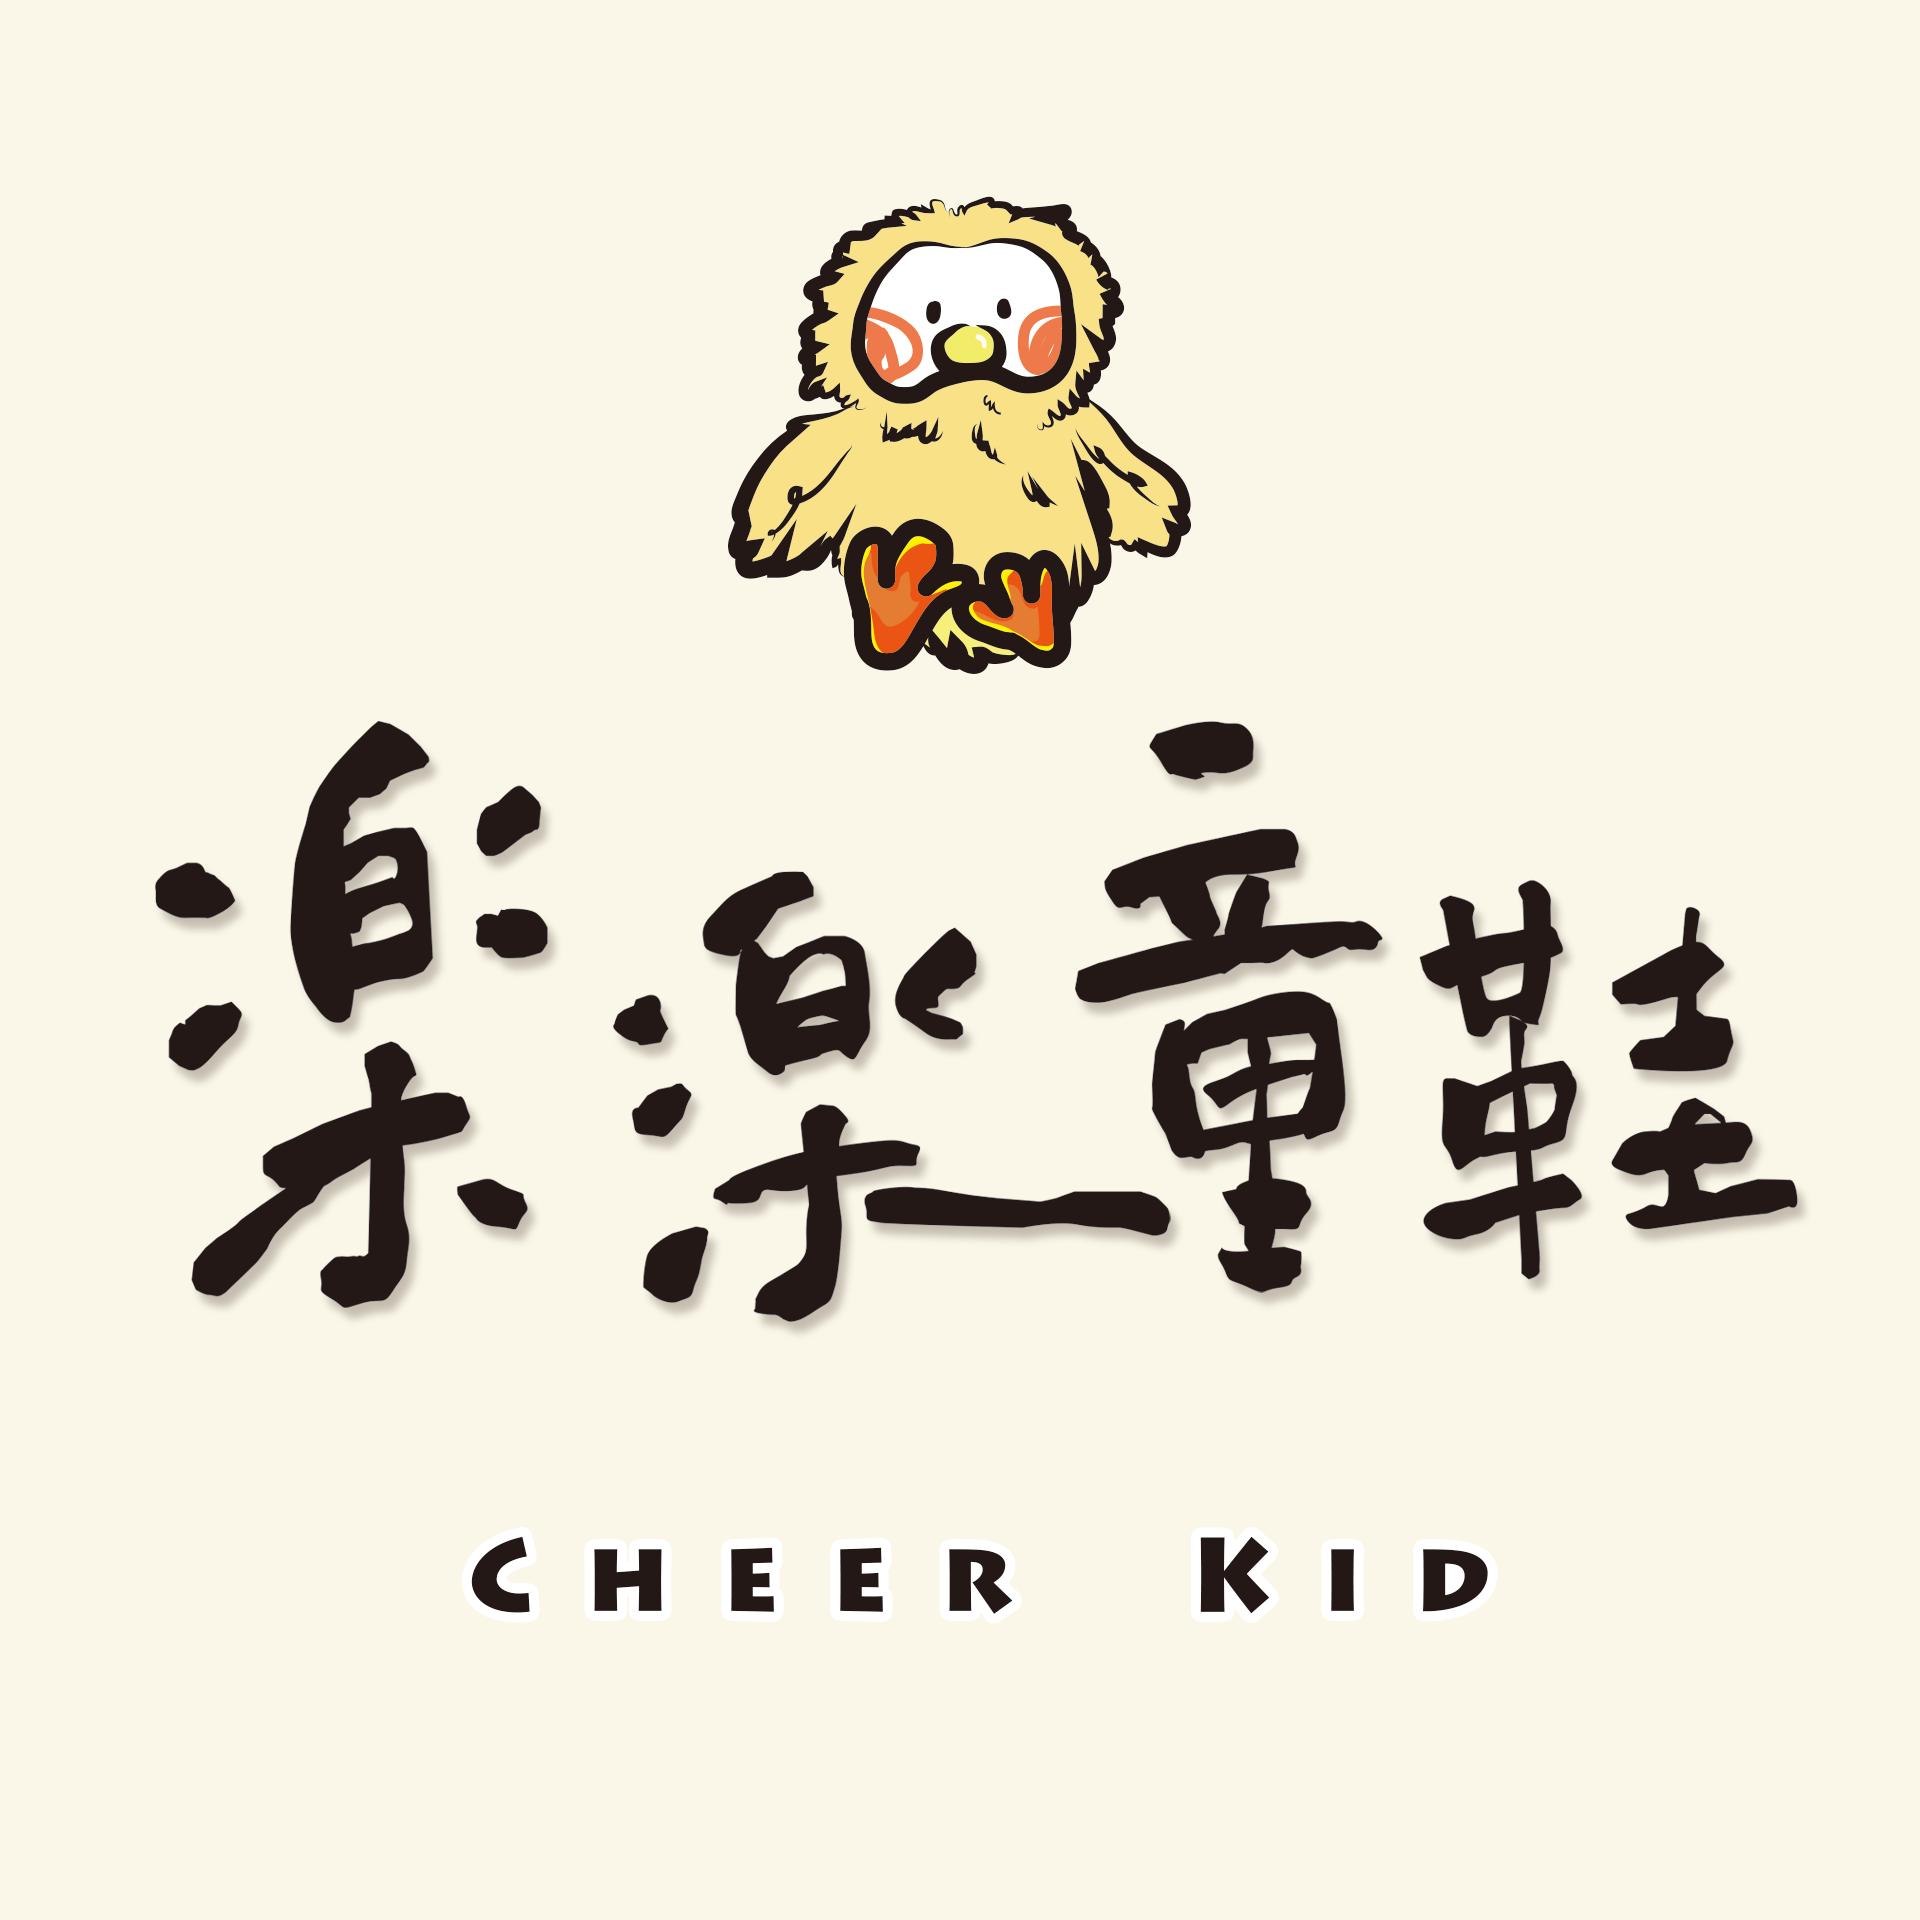 樂樂童鞋 Logo - 1920x1920